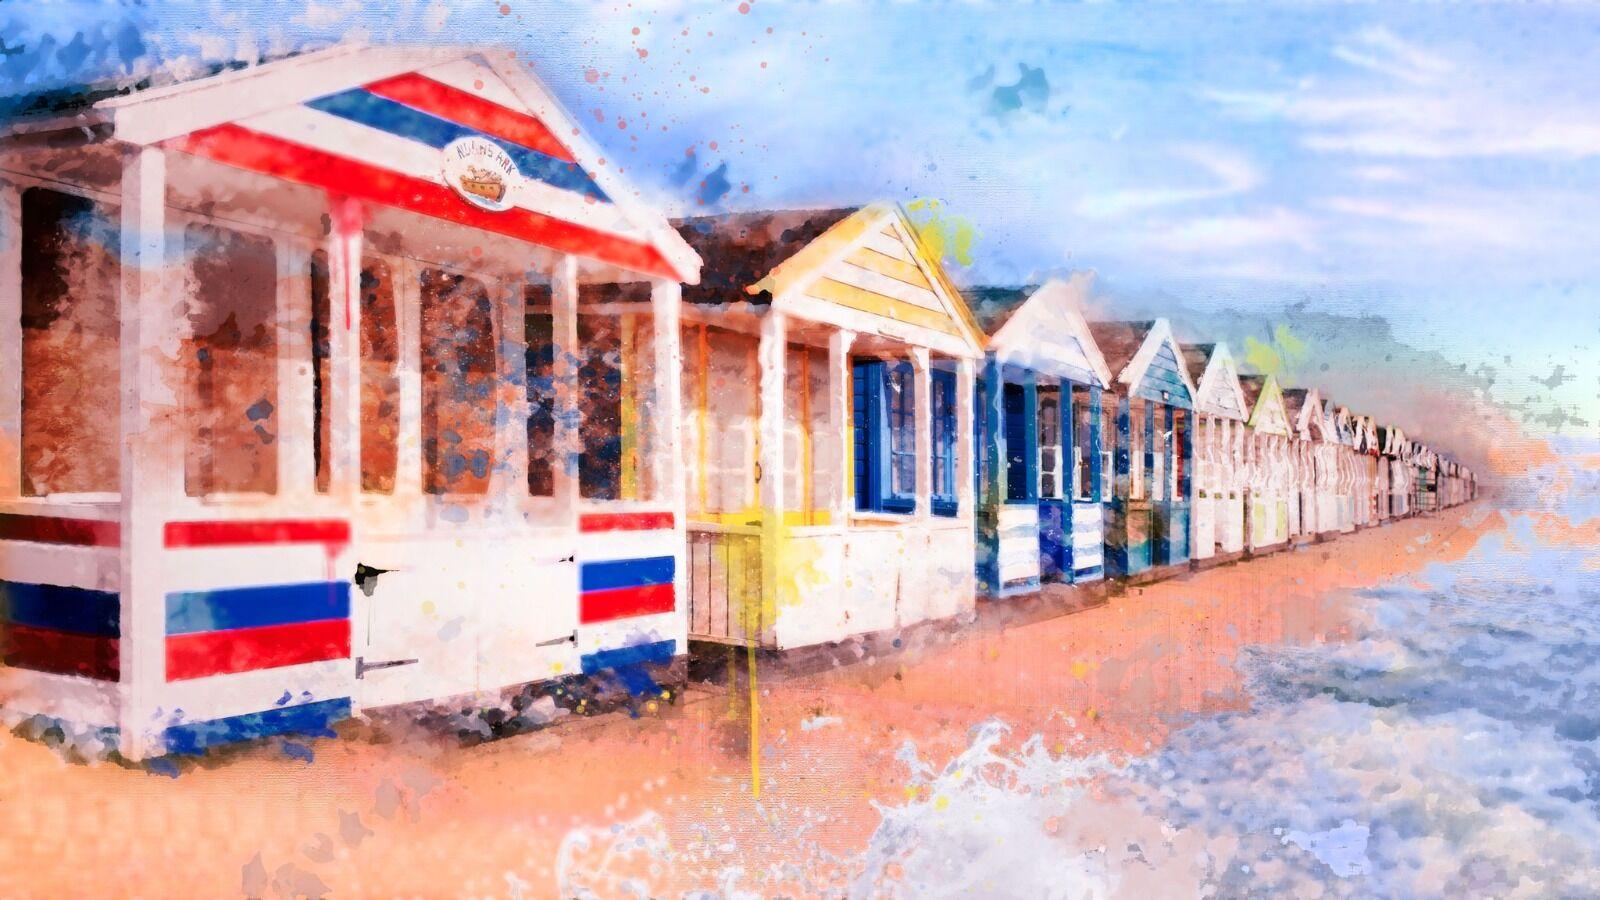 Beach huts - Mixed Art Effect